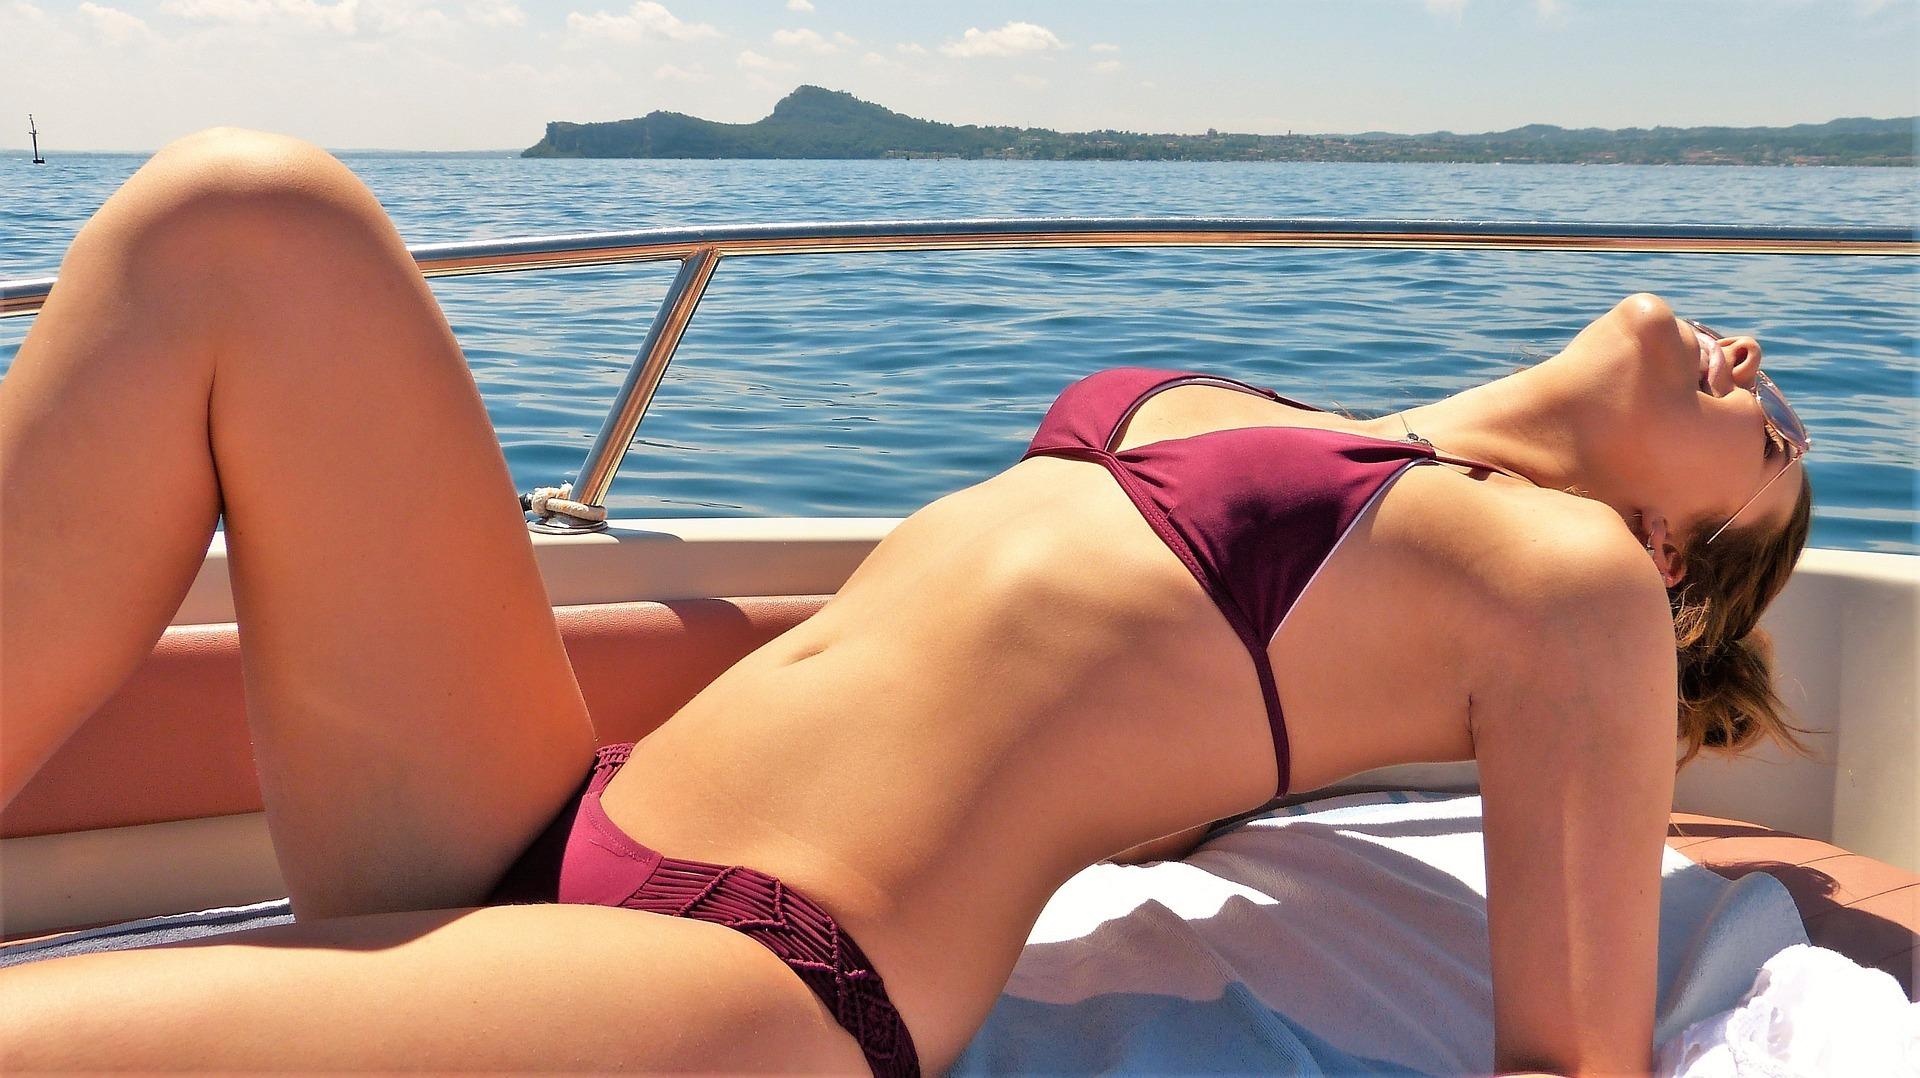 Sonnensschutz- und Sichtschutzfolien richtig pflegen auf ratgeber-blogger.de